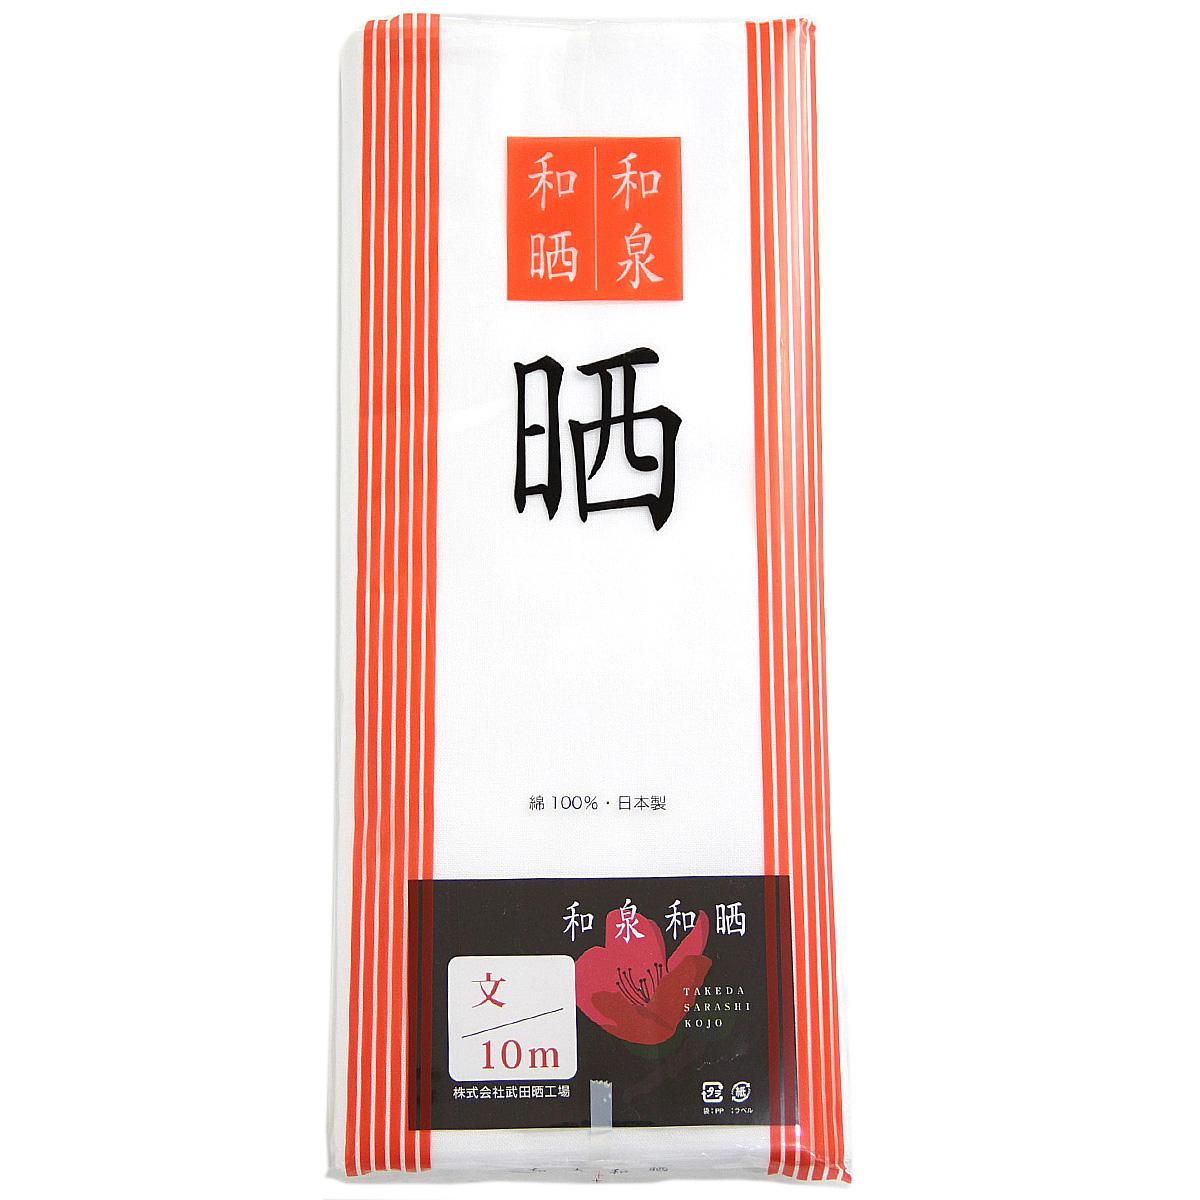 メール便対応 さらし布 晒反物 木綿生地 期間限定今なら送料無料 和晒加工 日本製 晒 綿100% 文 和泉和晒 マーケティング 泉州製 10m 35cm巾 反物